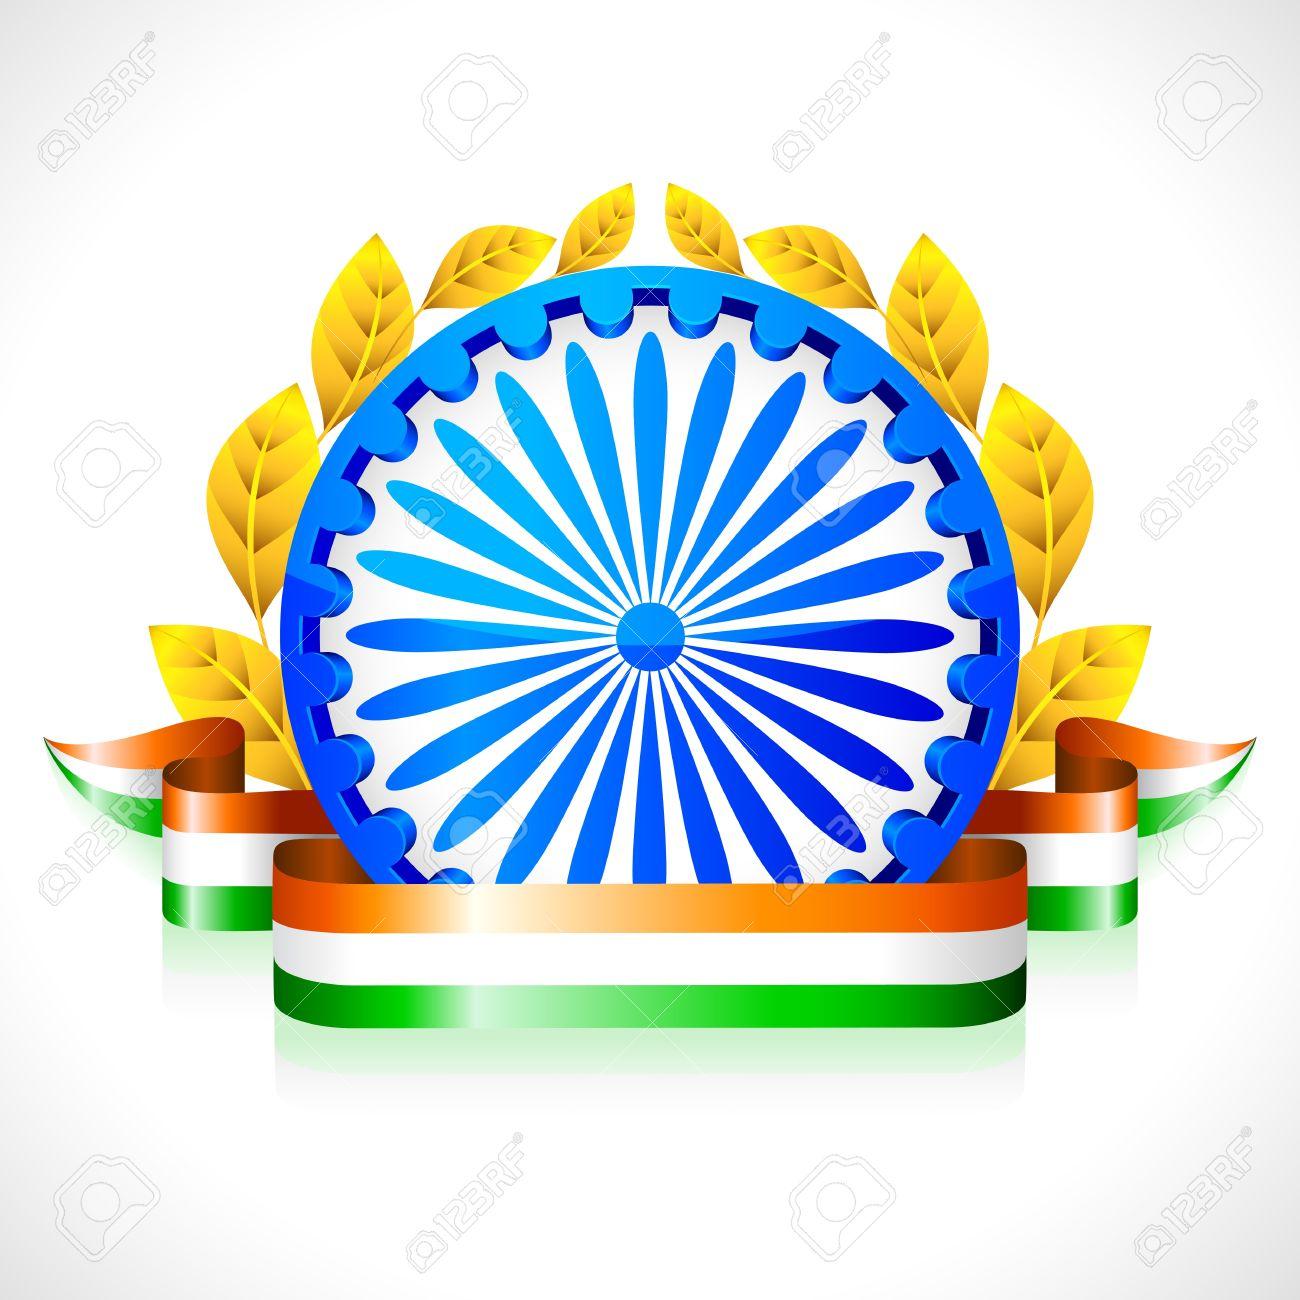 Download ashok stambh Logos